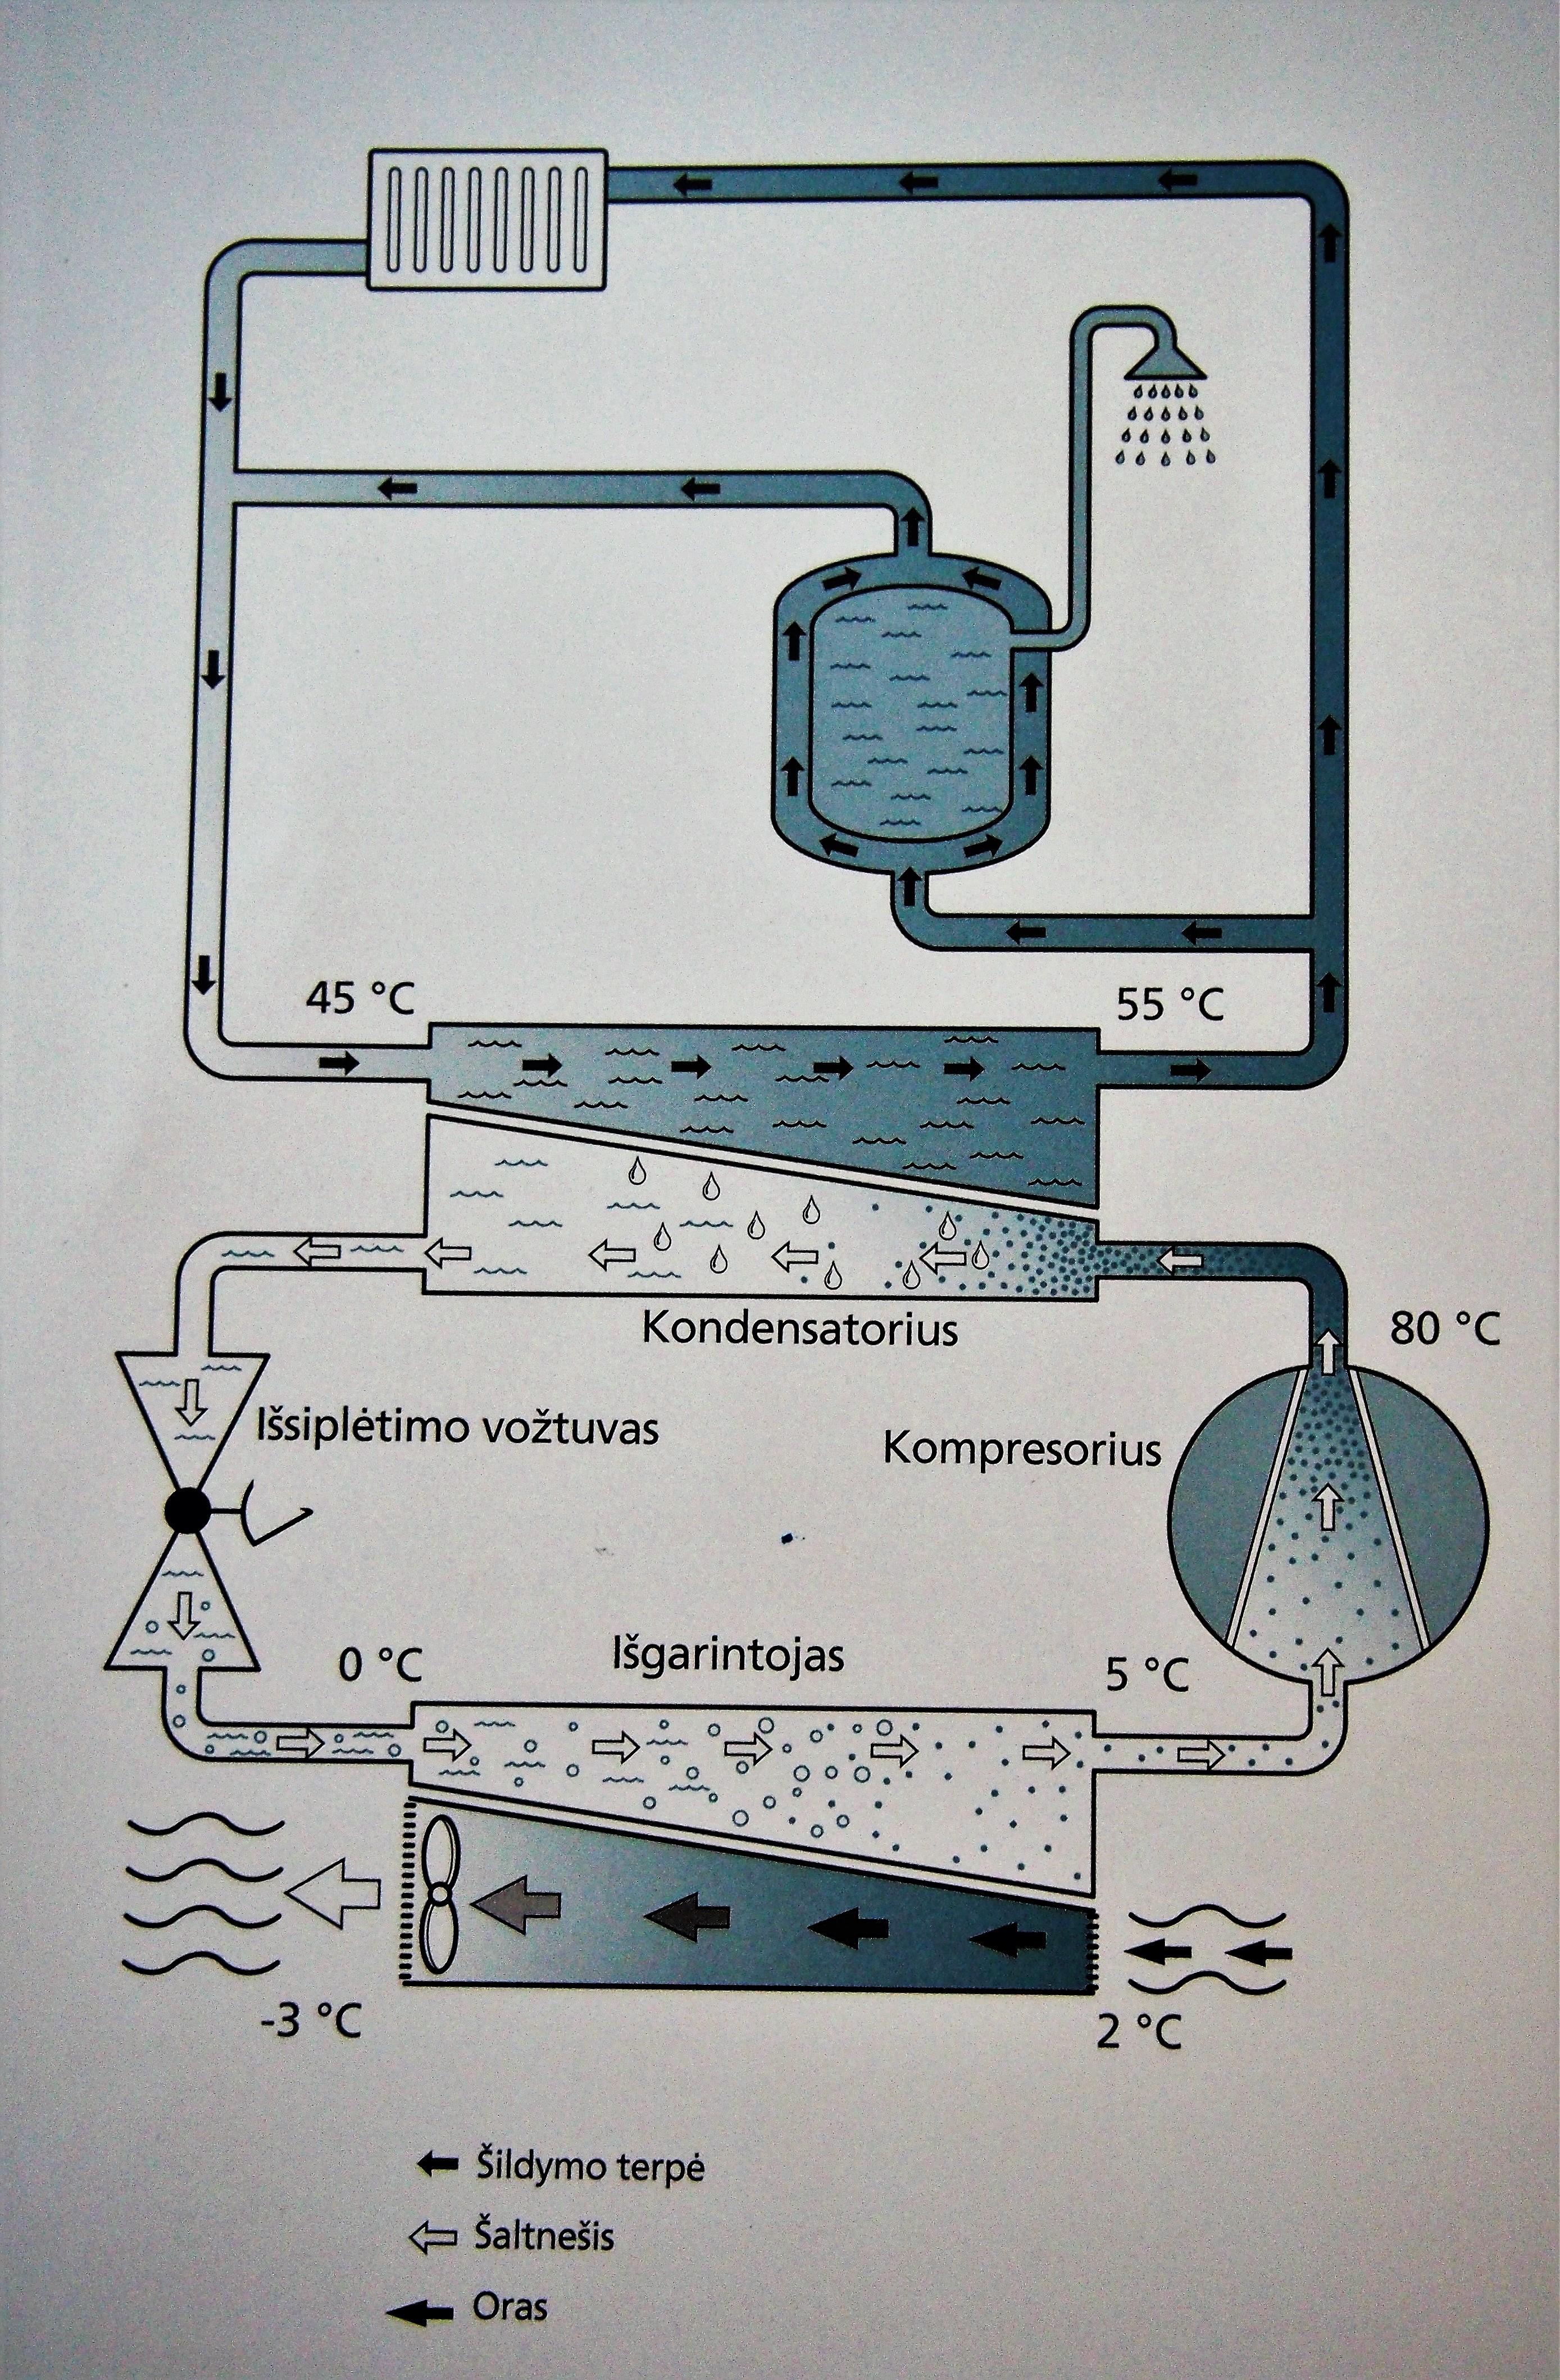 Oras-vanduo šilumos siurblio veikimo principas